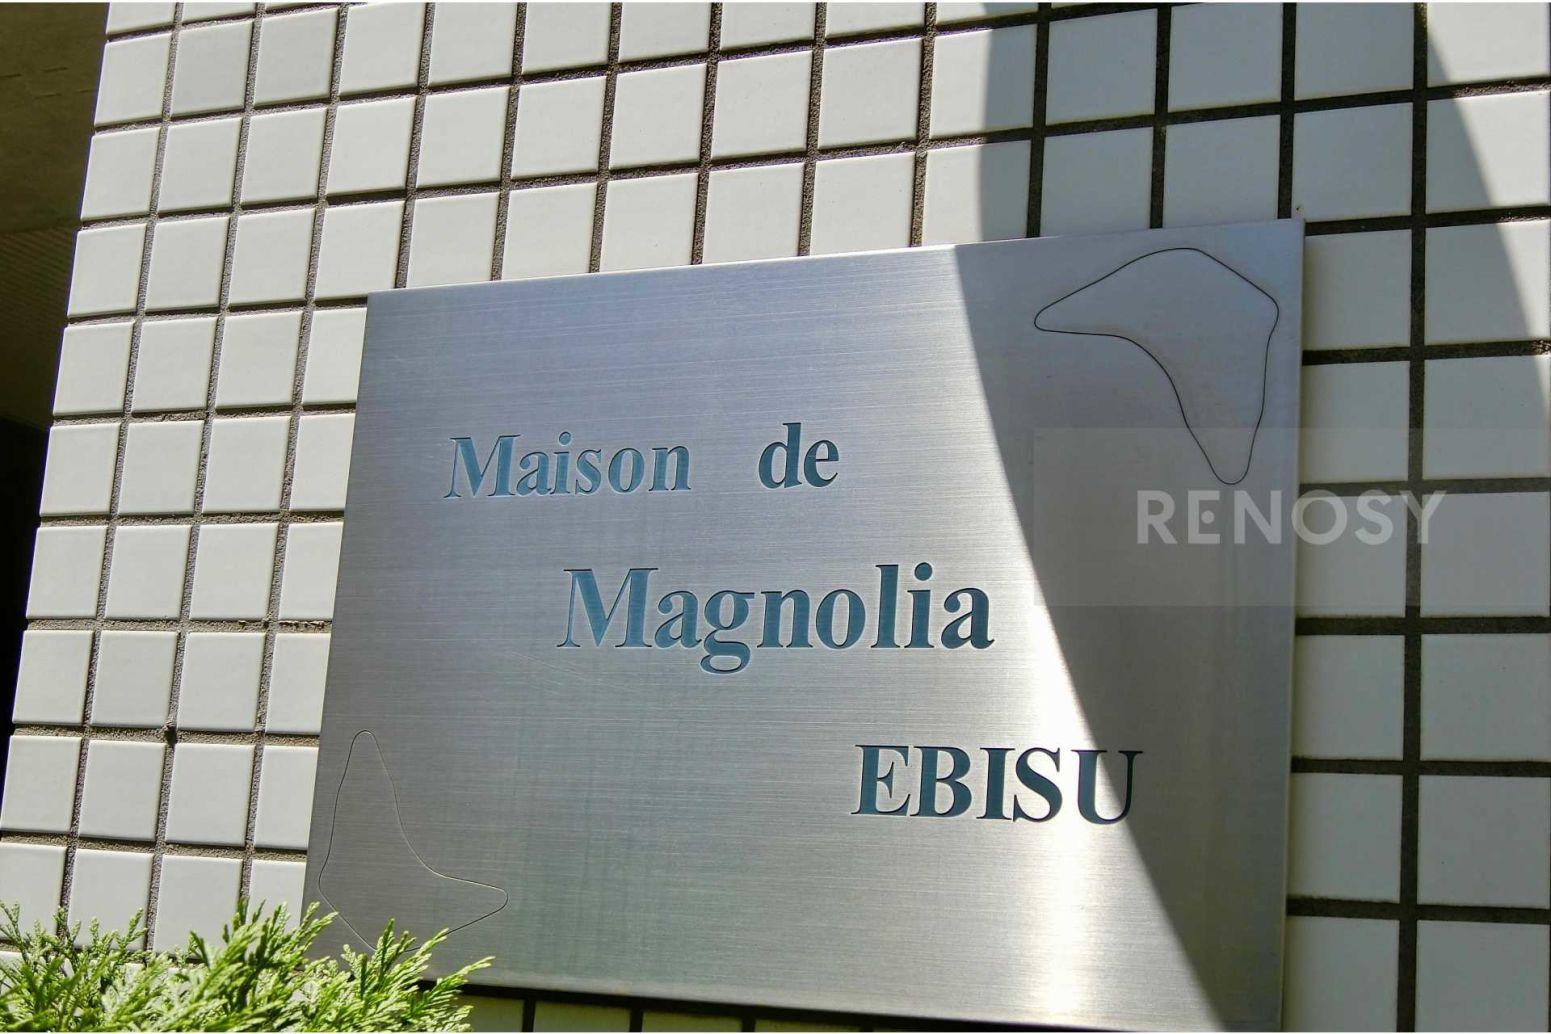 MaisondeMagnoliaEBISU